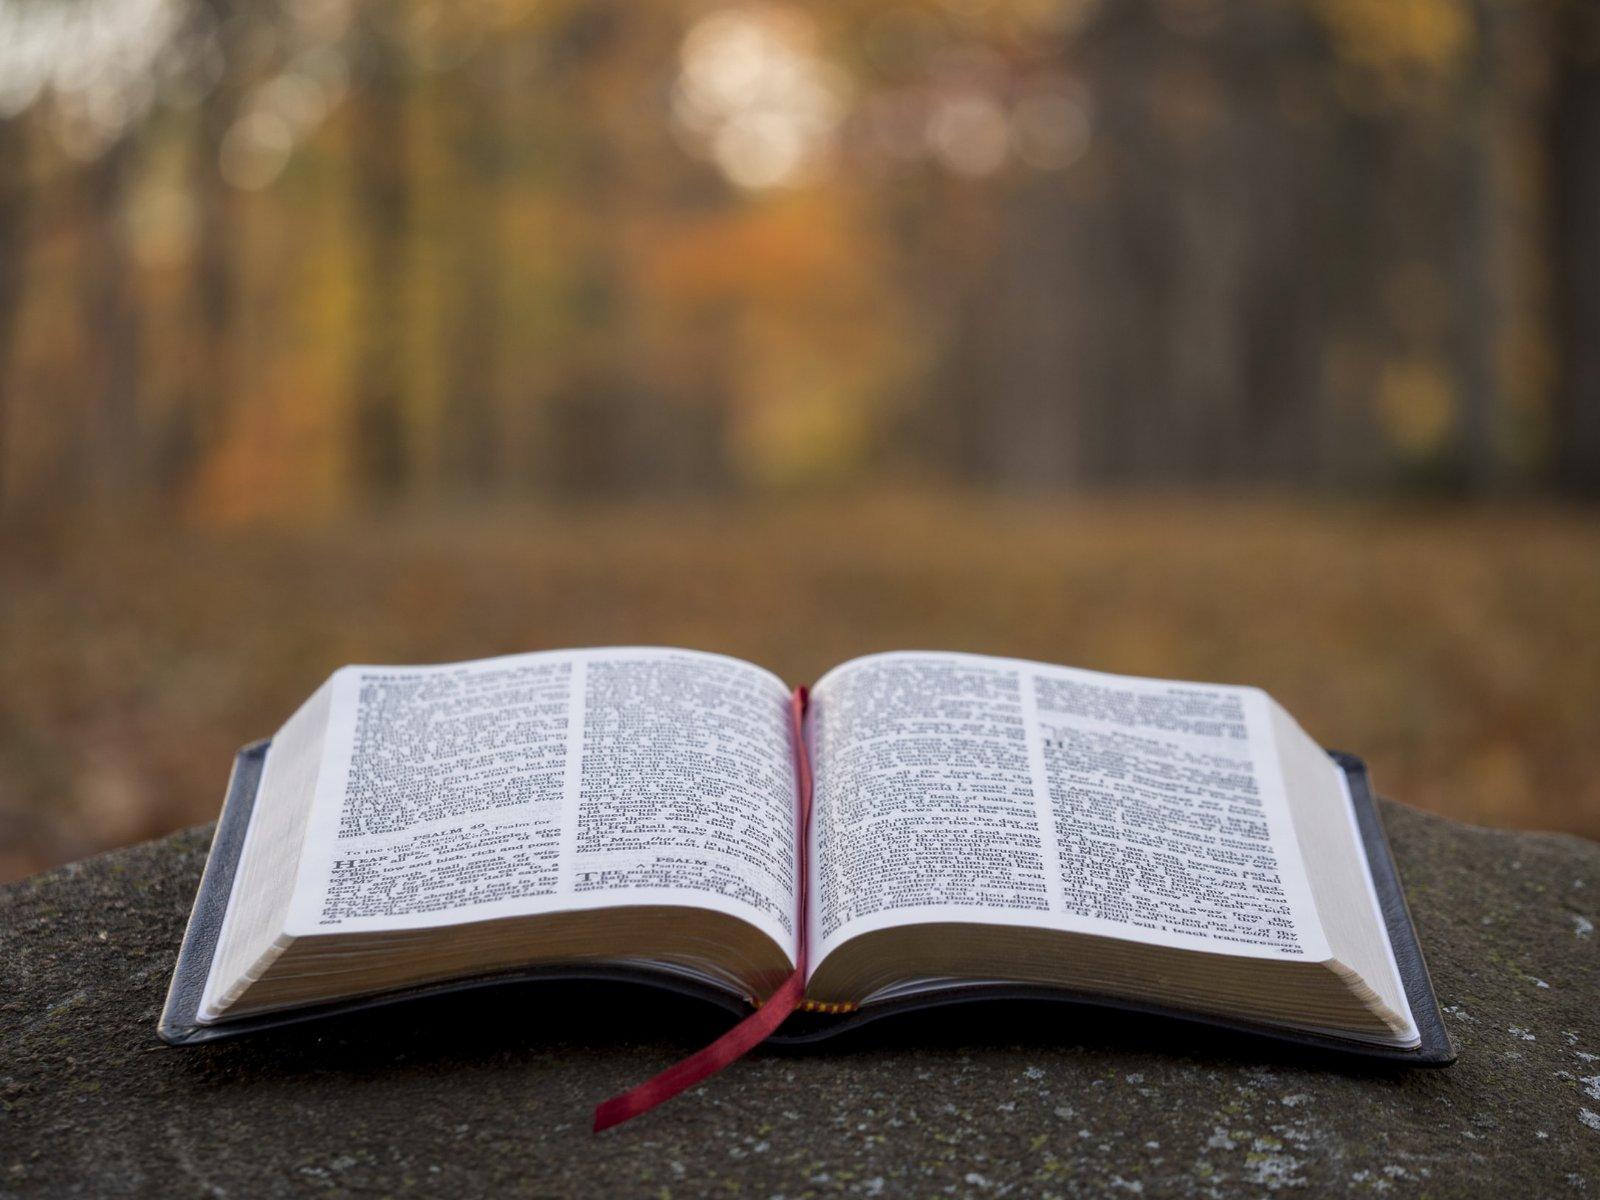 Політика і цінності: червоні лінії для християн Броварів - християни, молитва - yzobrazhenye viber 2020 10 16 09 32 07